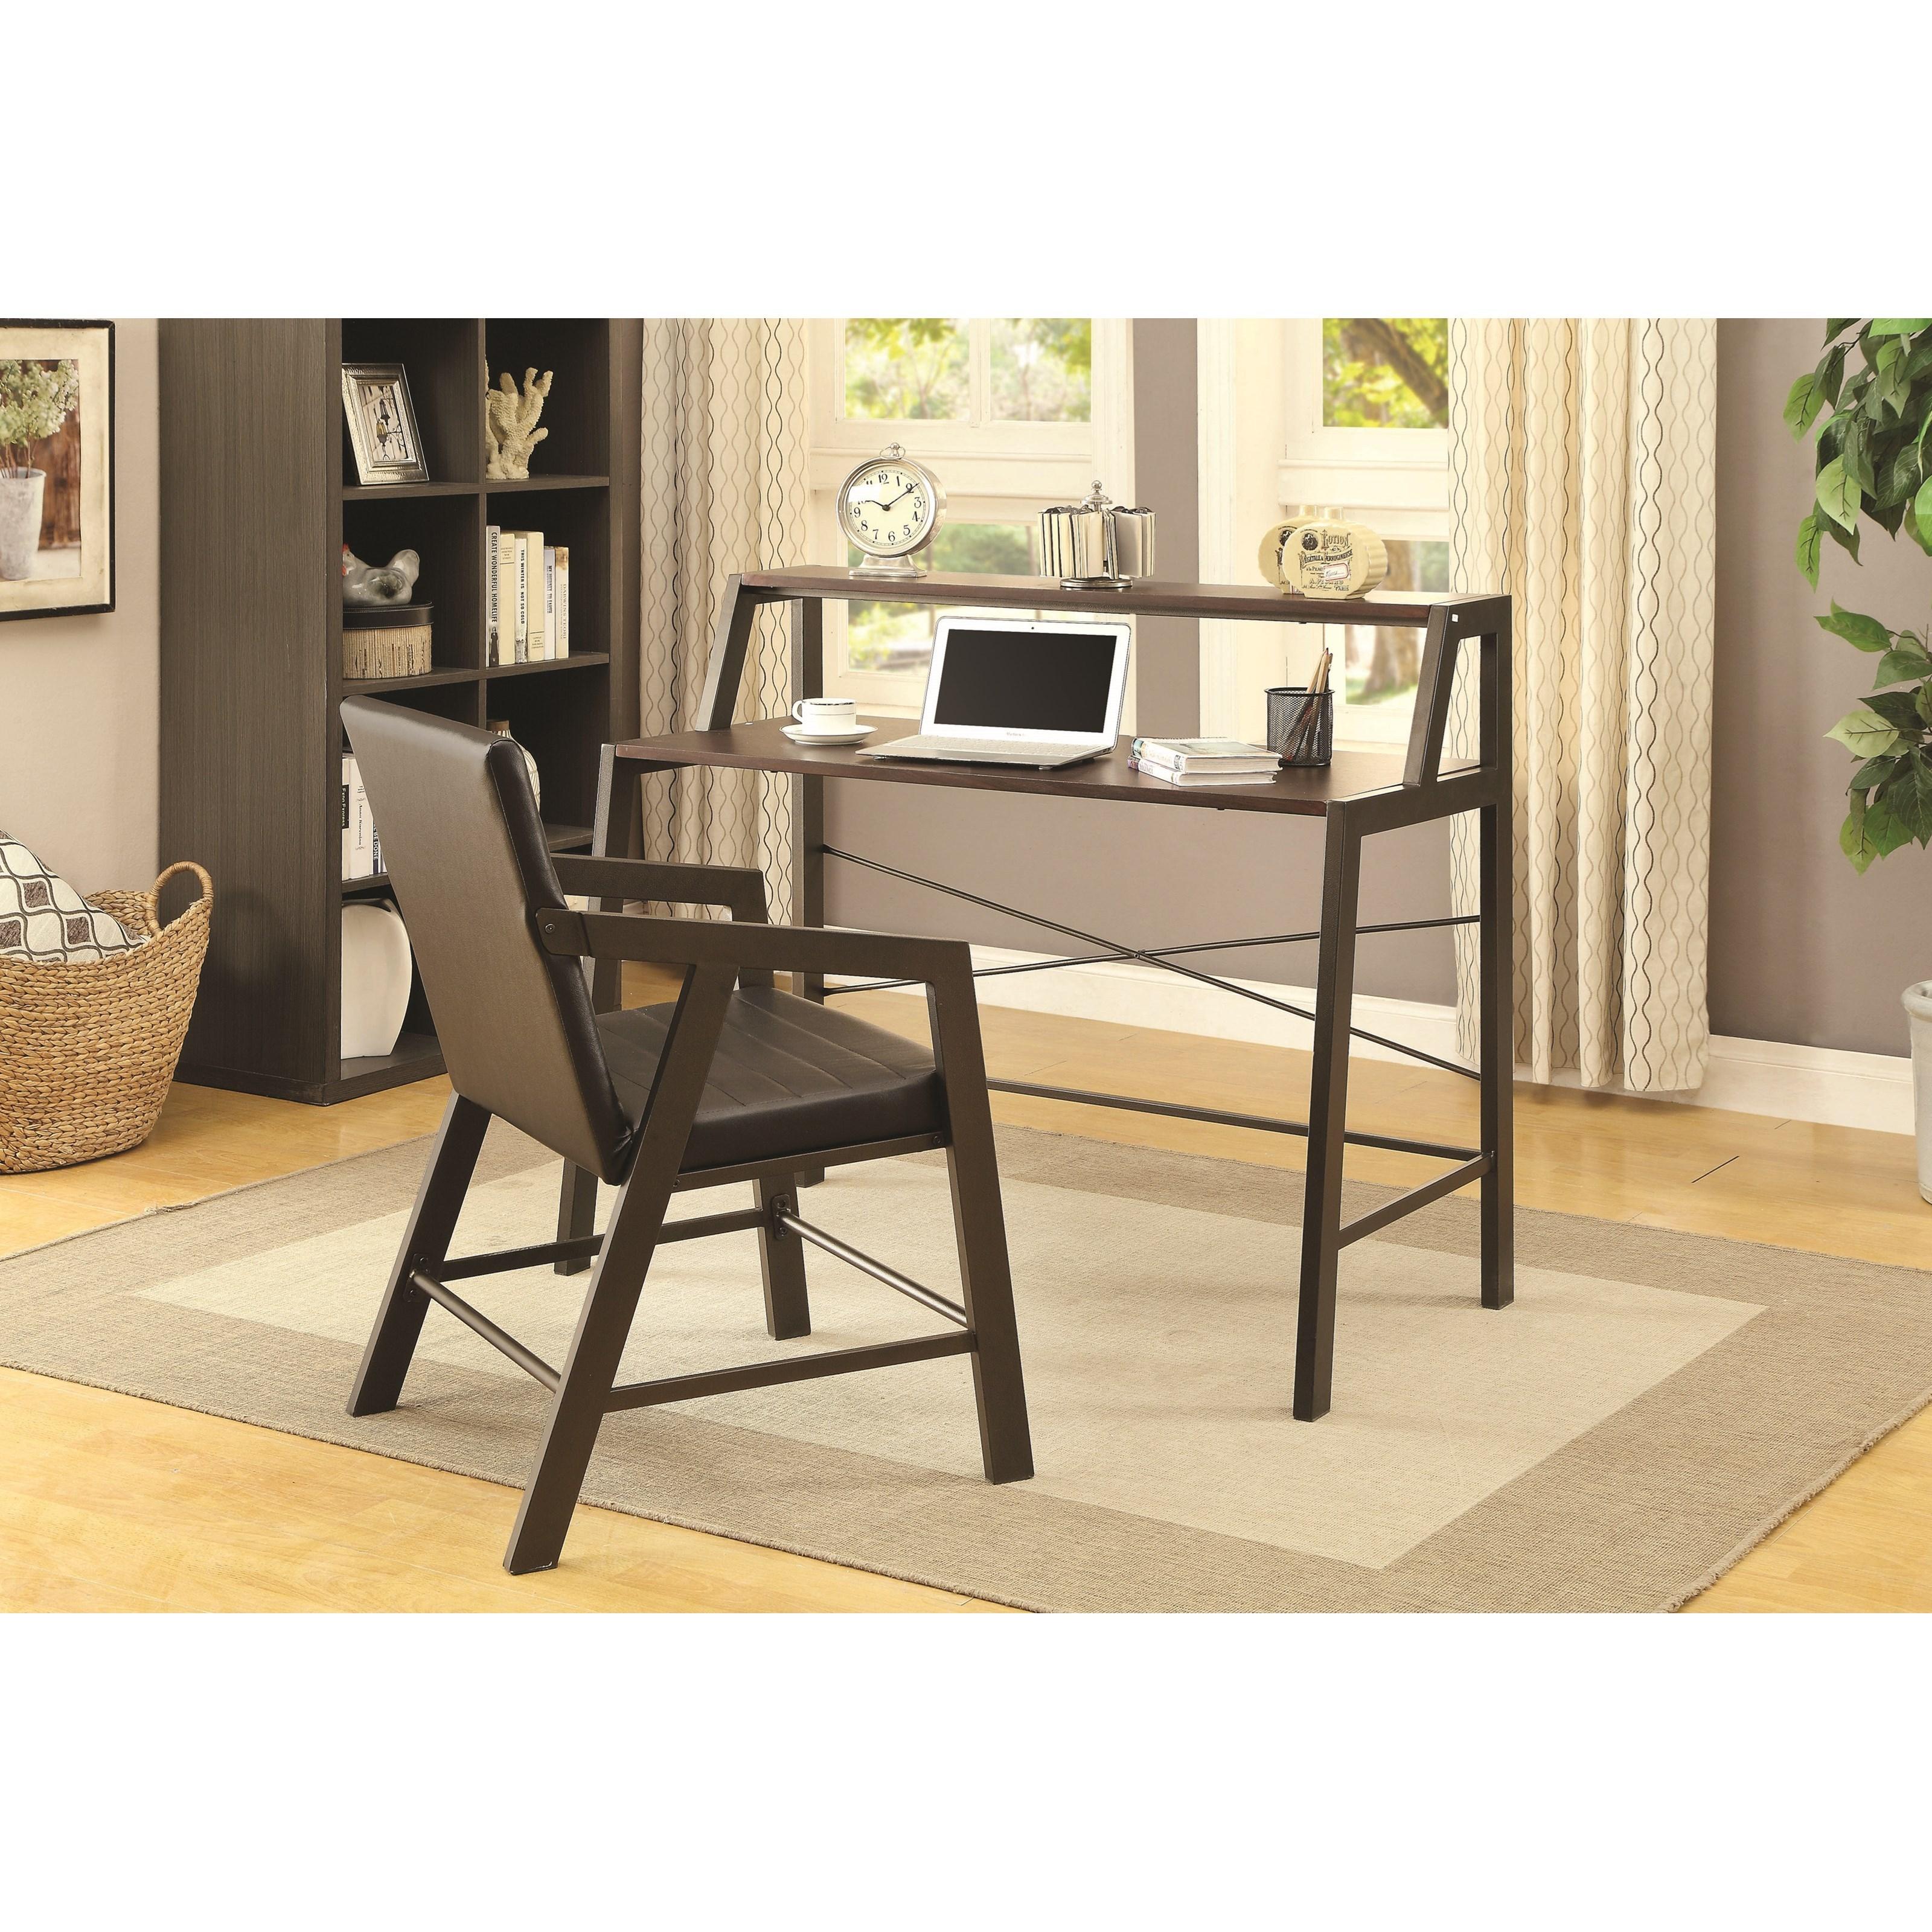 Coaster Desks Desk - Item Number: 801561